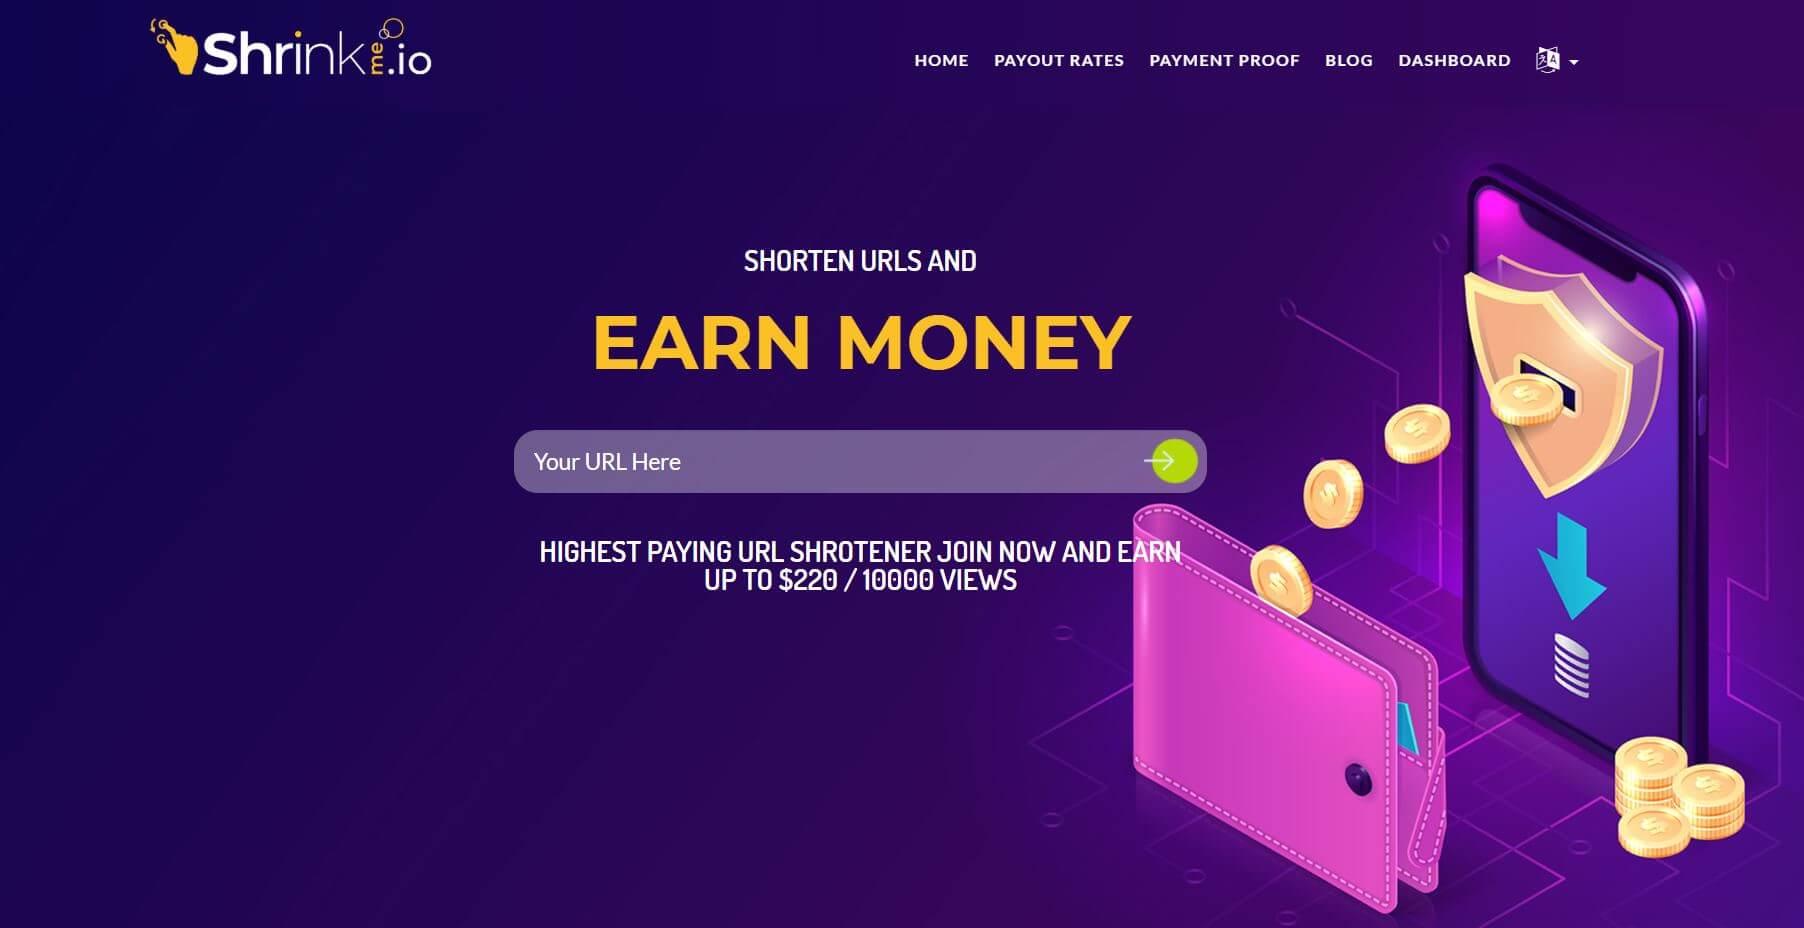 Best URL Shortener to Make Money Online 1